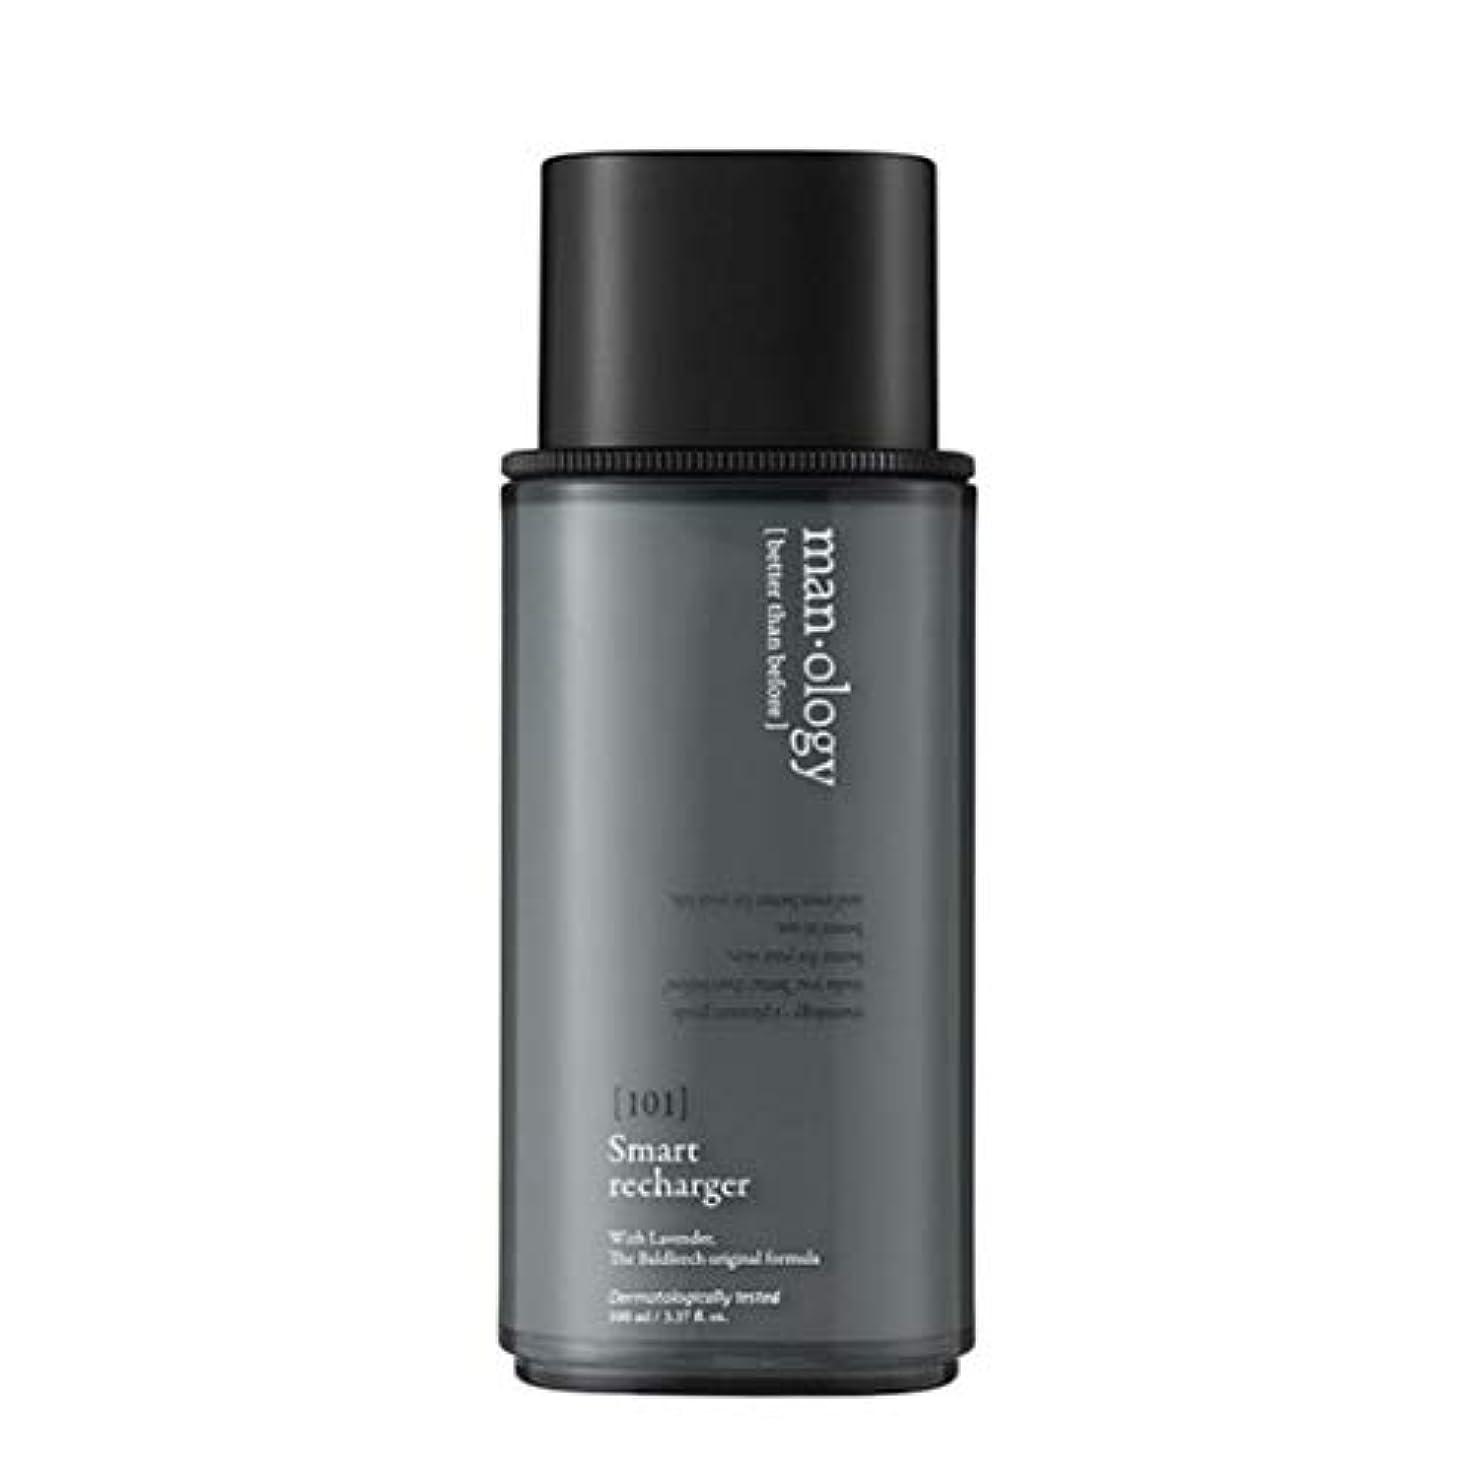 見つけたカテゴリーブラウズビリープメンオルロッジ101スマートリチャージャー100mlメンズコスメ韓国コスメ、belif Man Ology 101 Smart Recharger 100ml Men's Cosmetics Korean Cosmetics...